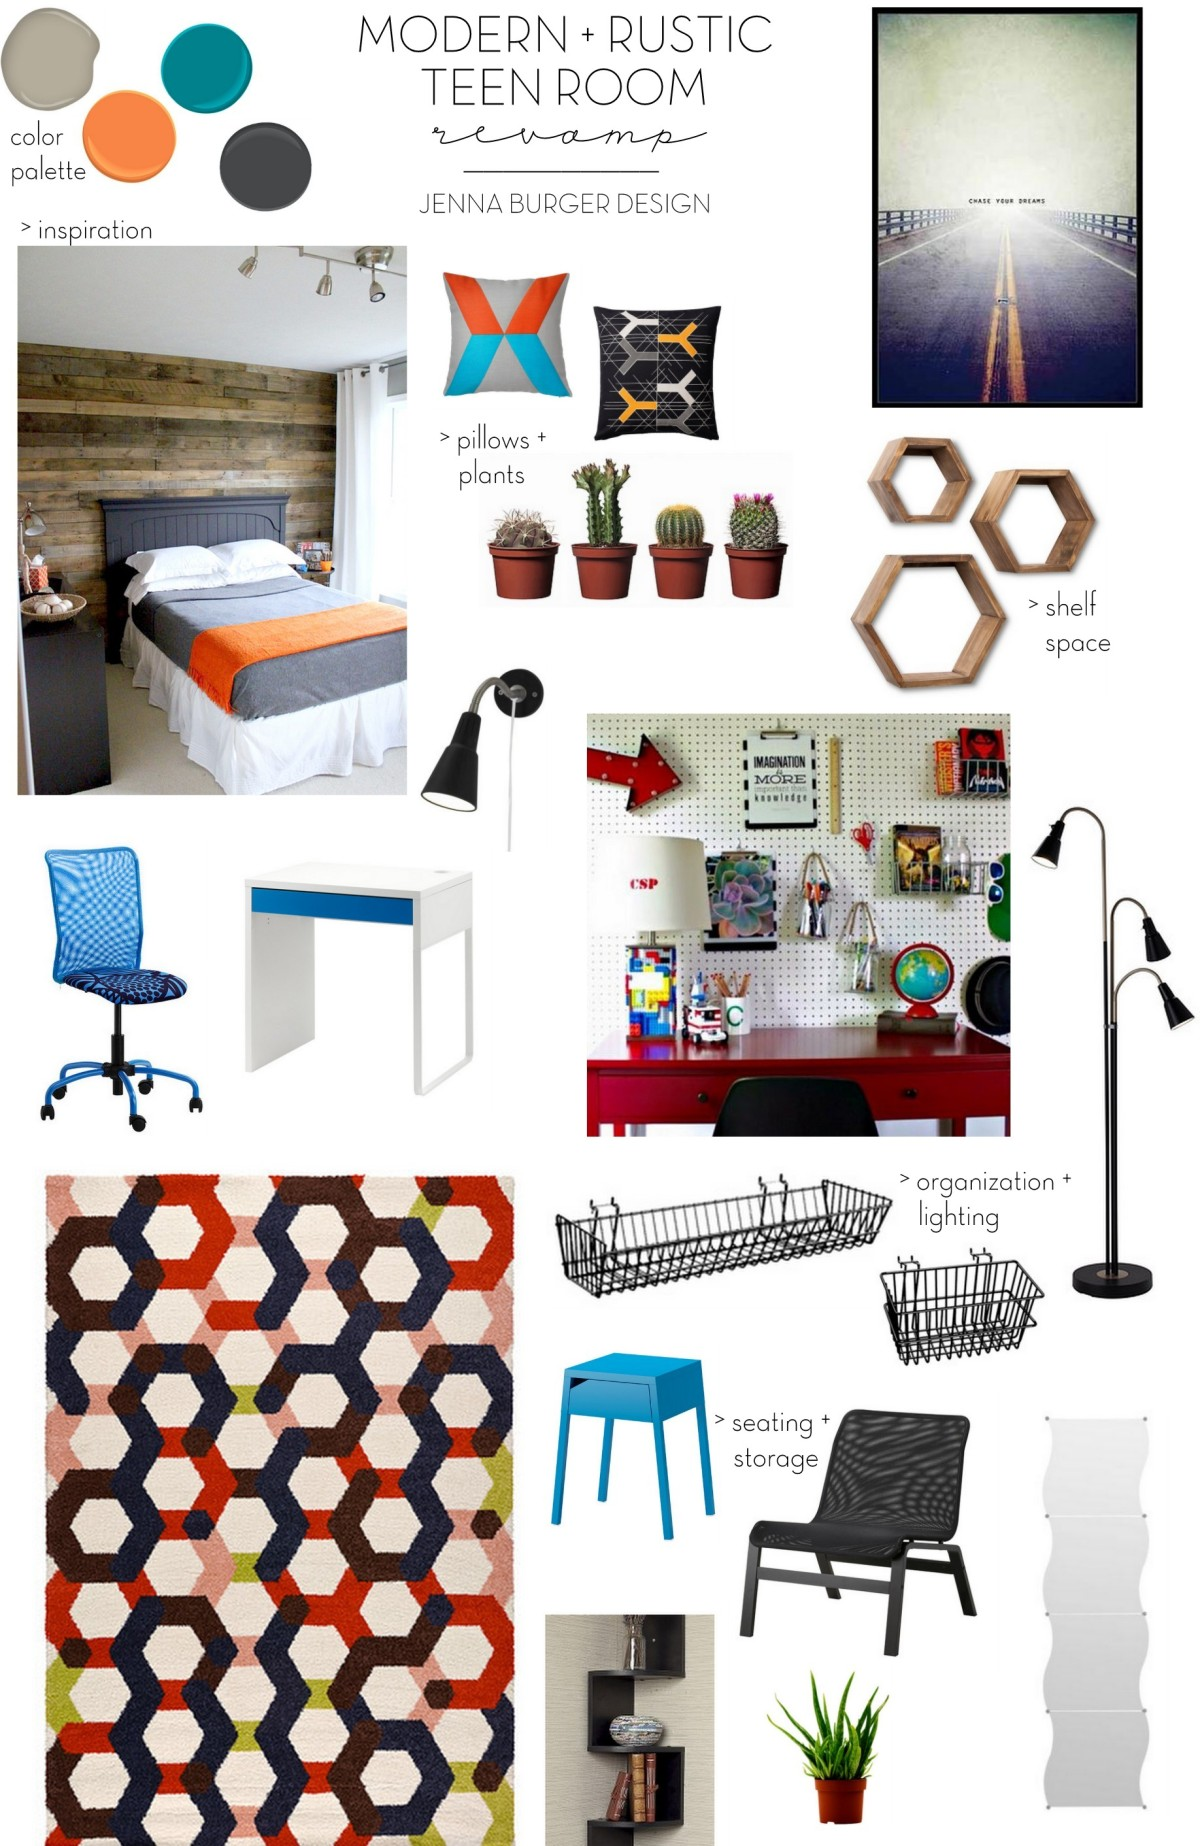 Modern Rustic Teen Room Diy Pallet Wall Tutorial Jenna Burger Design Llc